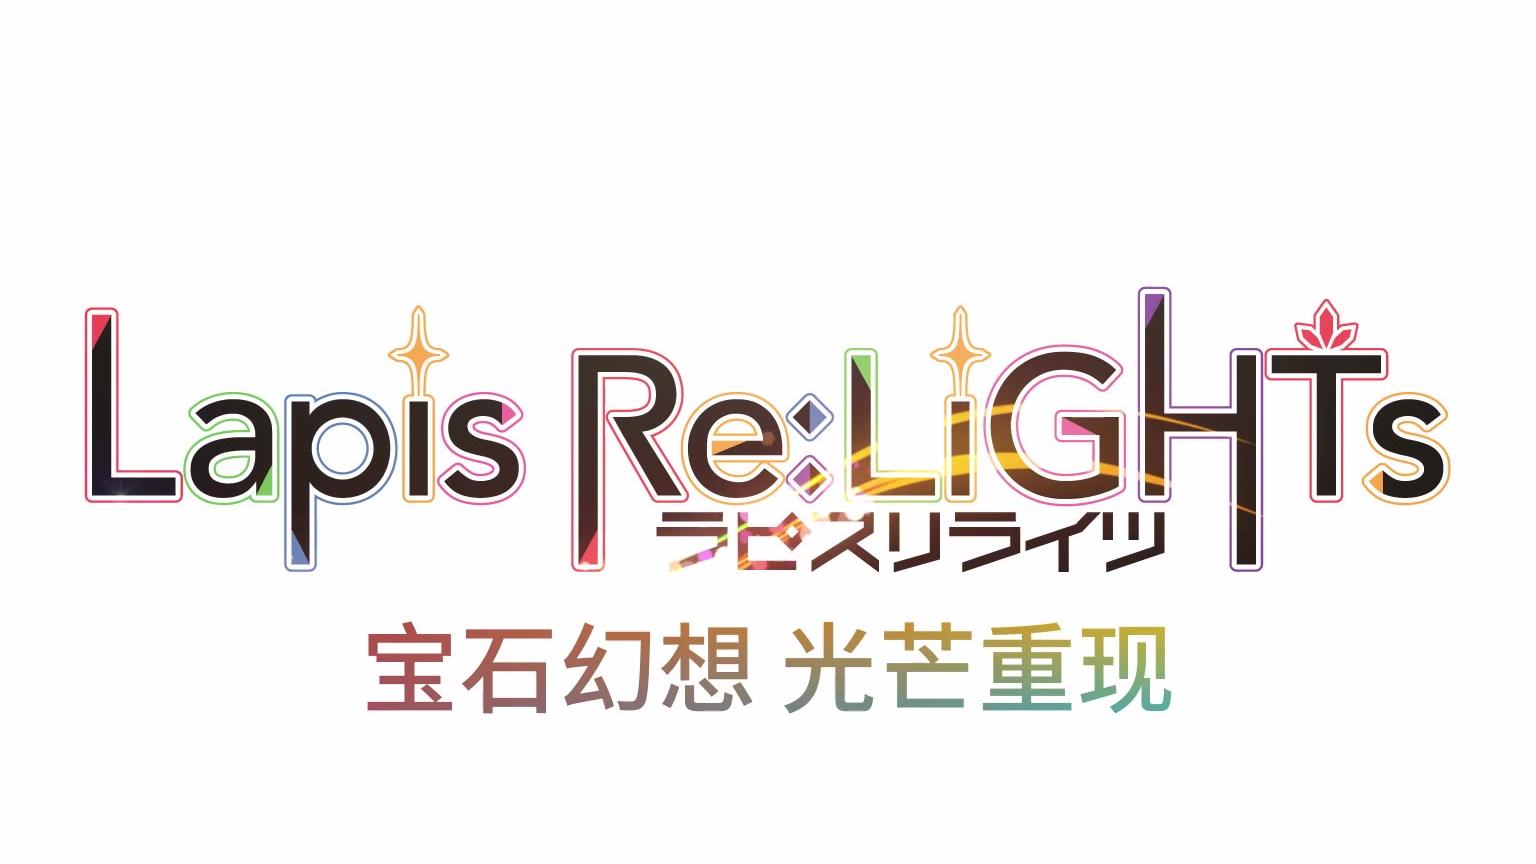 《宝石幻想 光芒重现》组合介绍PV 第一弹公开